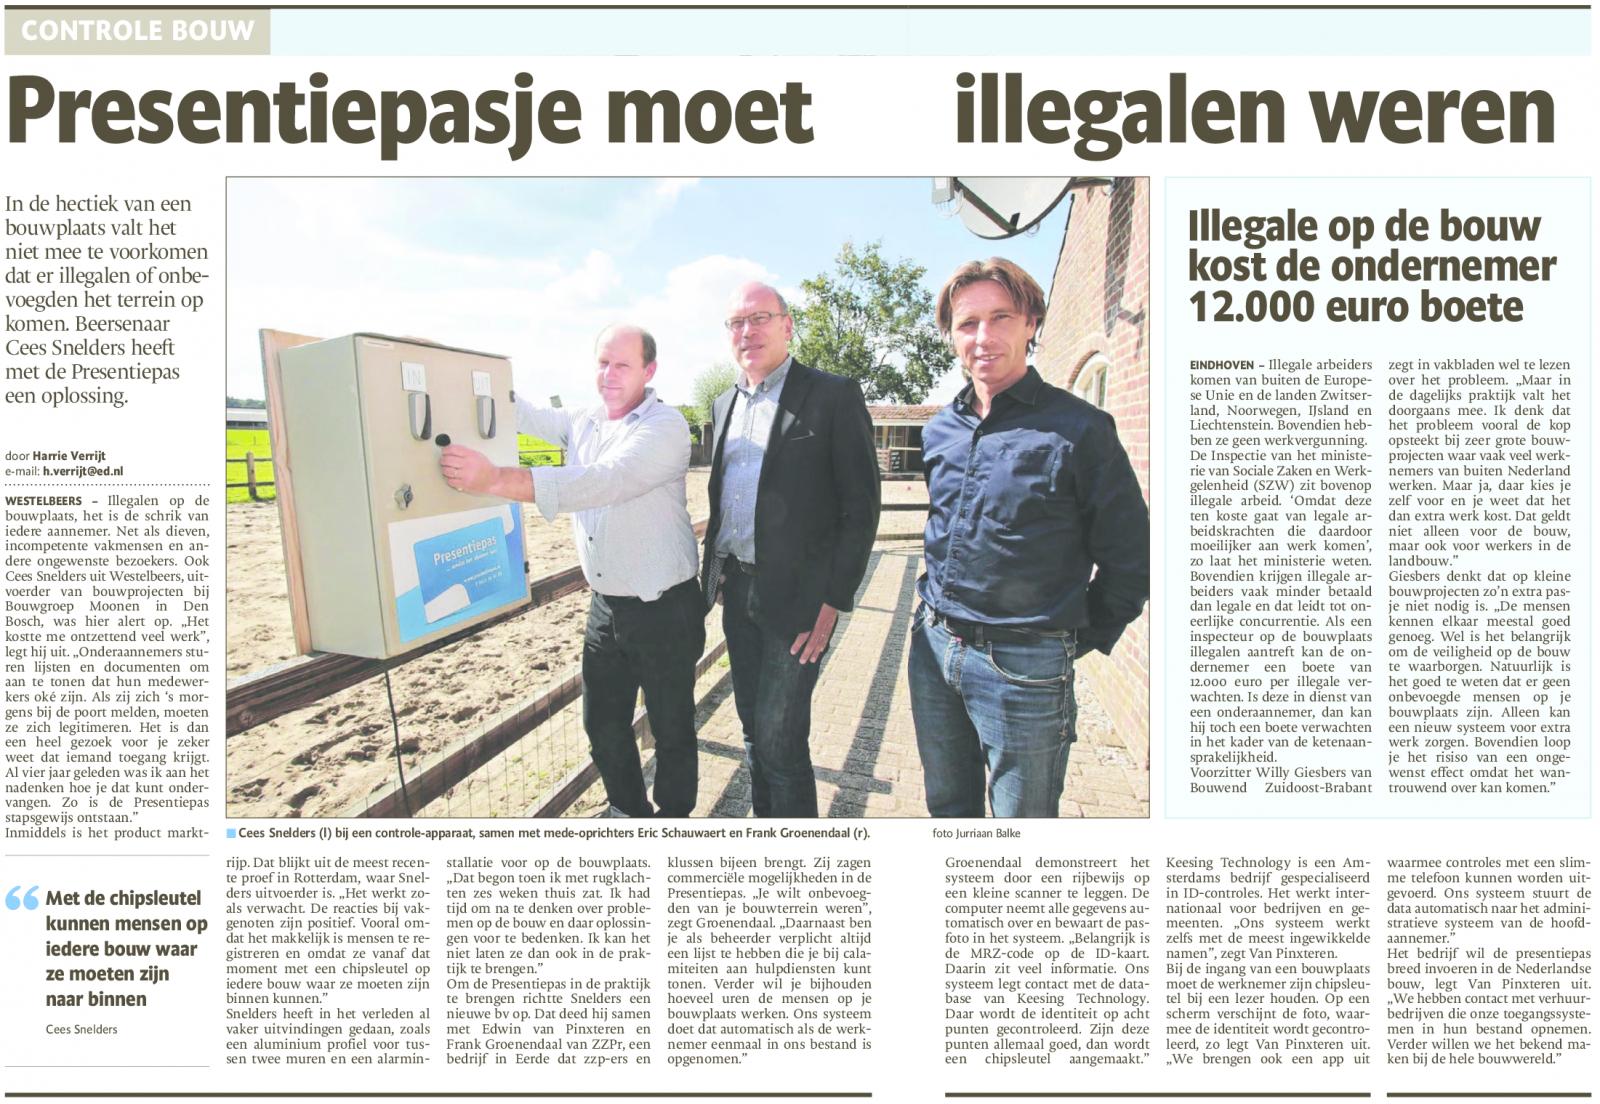 Eindhovens_dagblad_Presentiepas